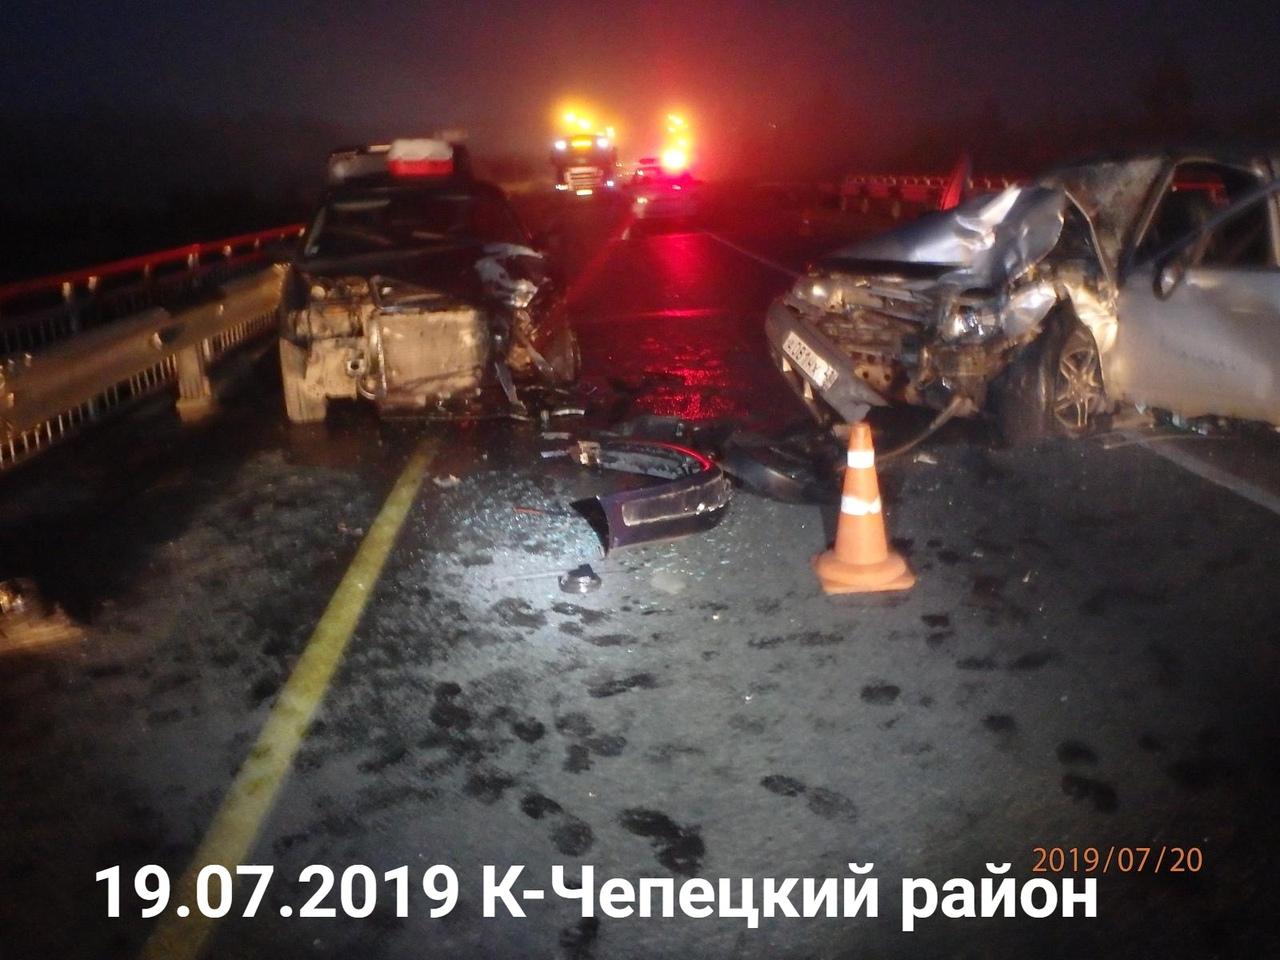 Пострадали четверо: известны обстоятельства лобового ДТП в Чепецком районе